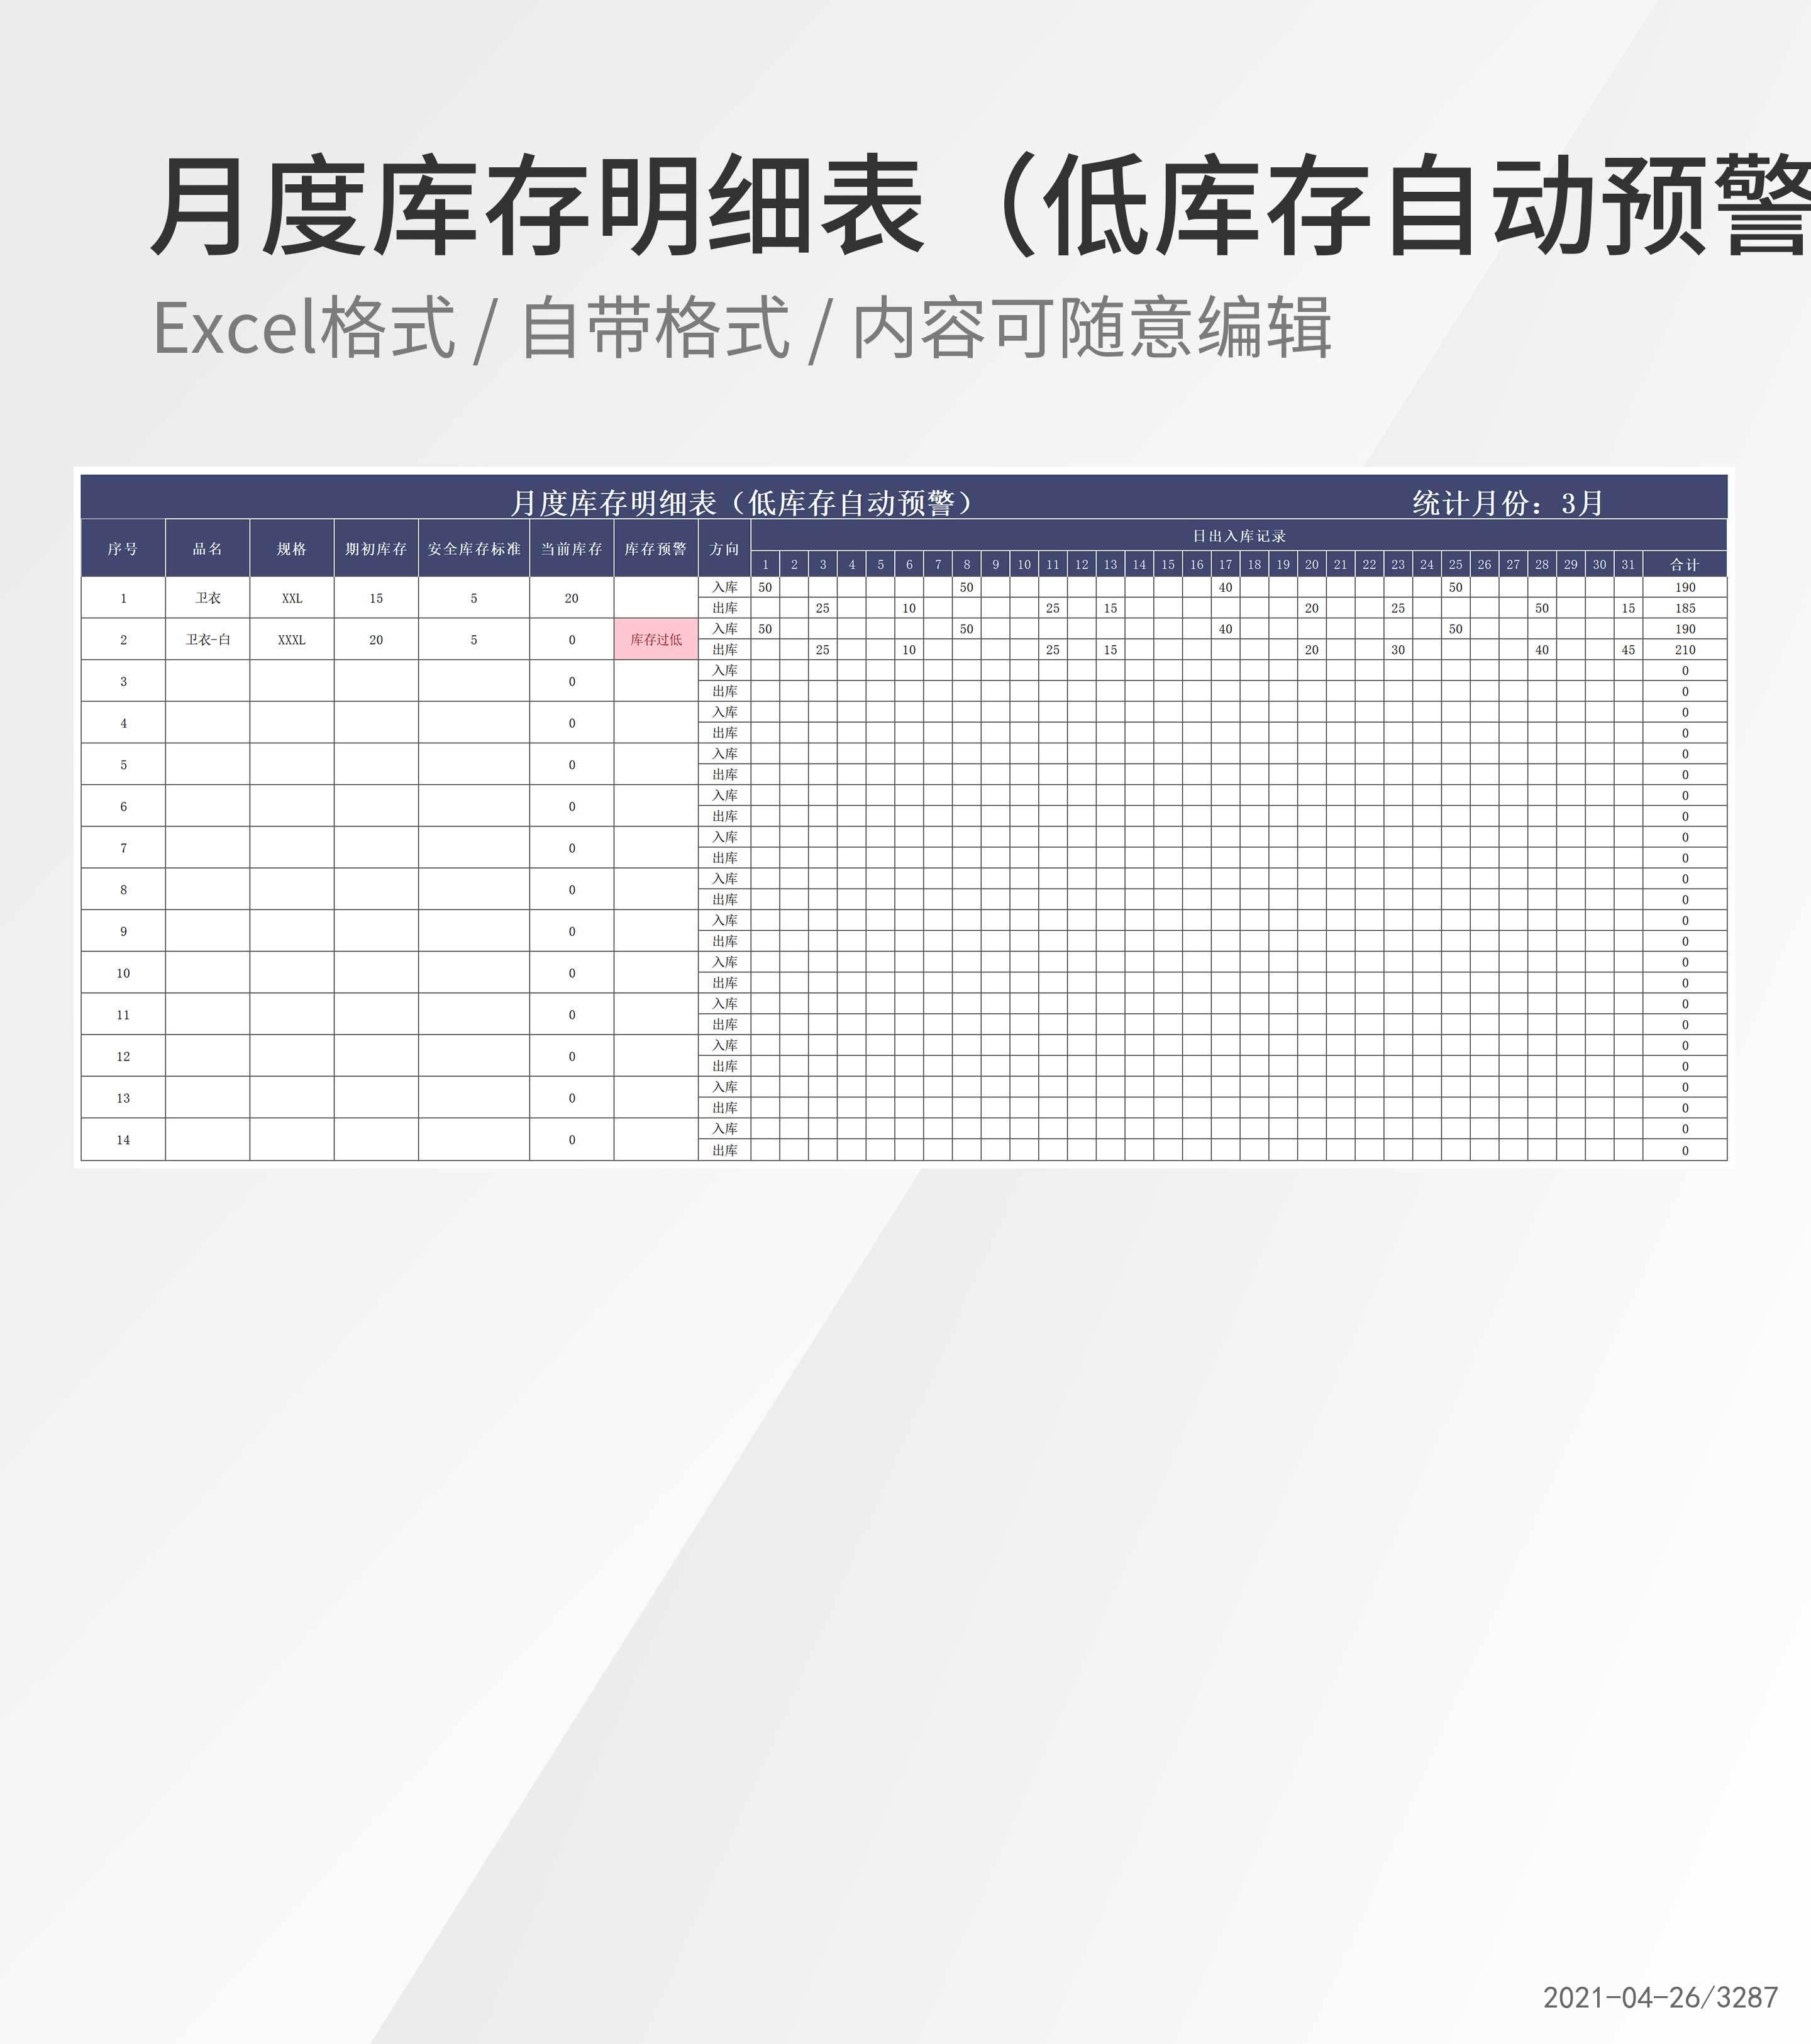 月度库存明细表(低库存自动预警)